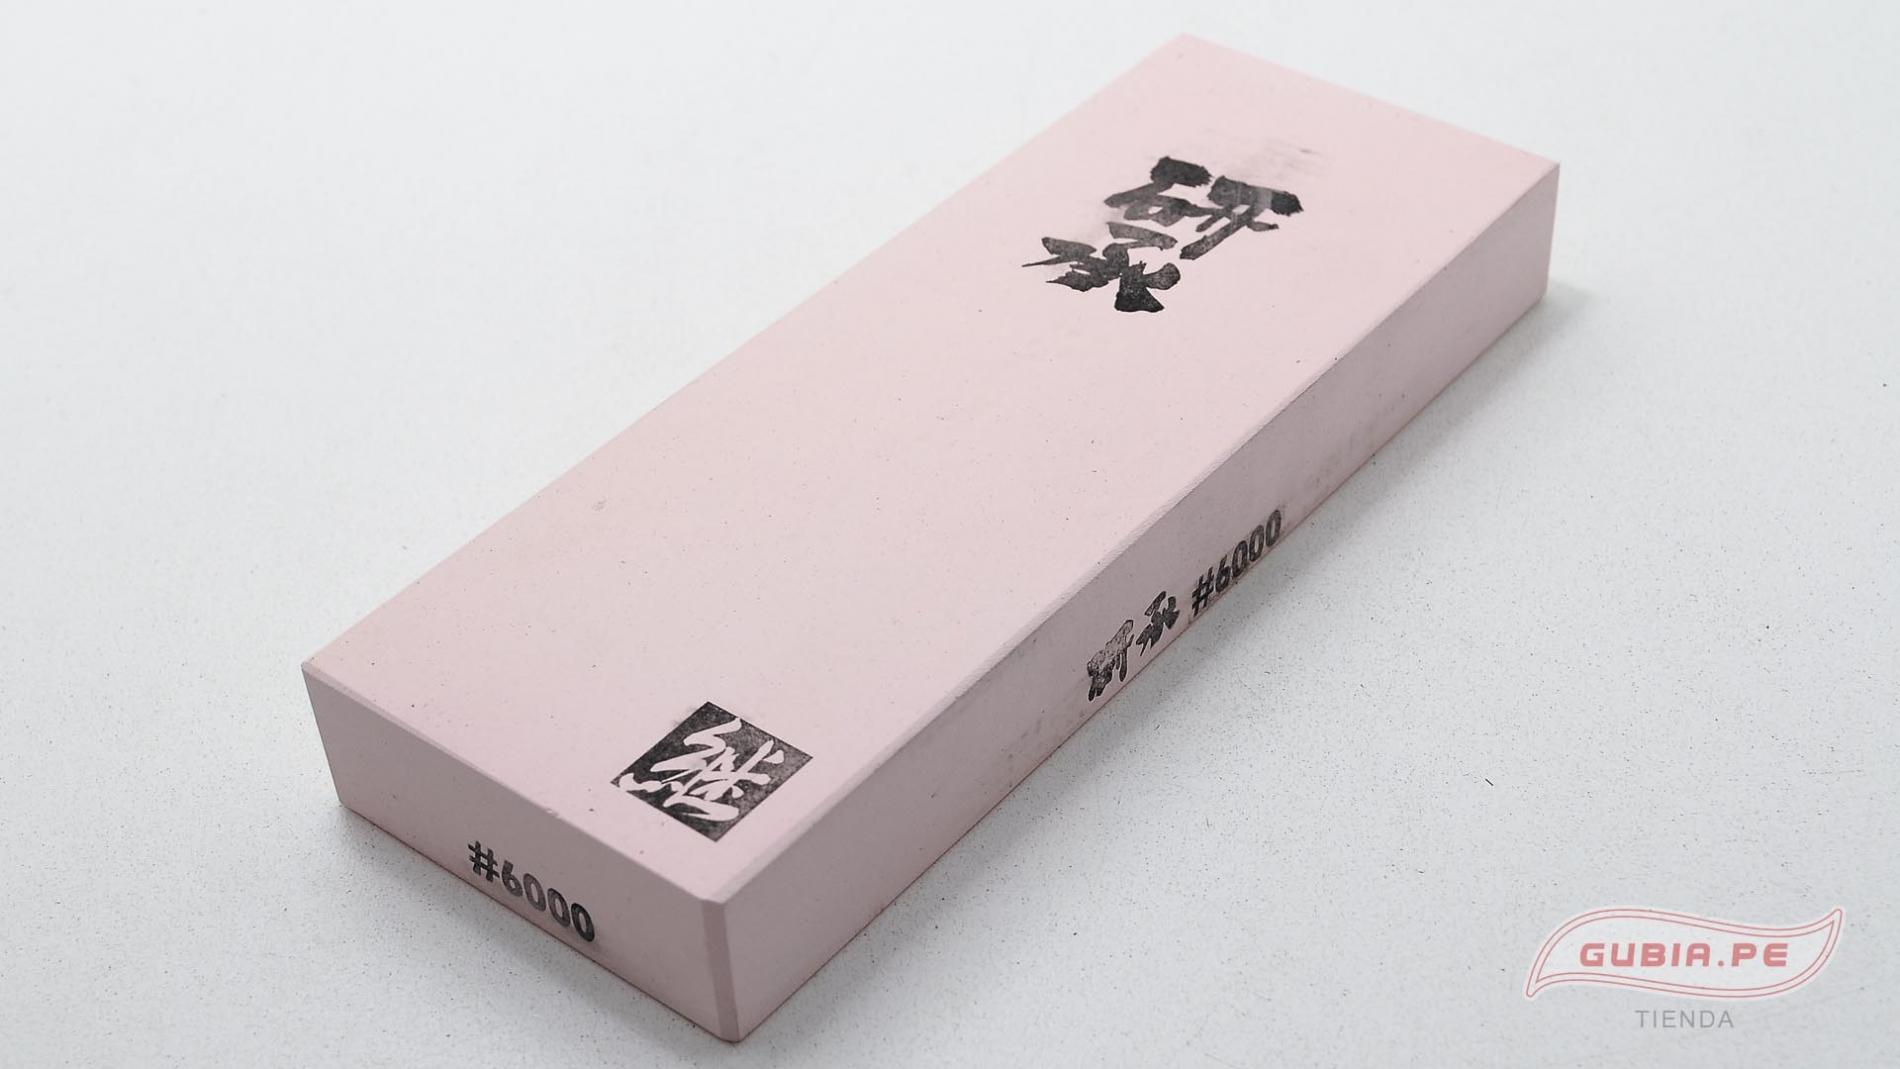 KSK6000-Piedra de asentar 6000 pulir filo de cuchillos Ken Syou Kei-max-2.